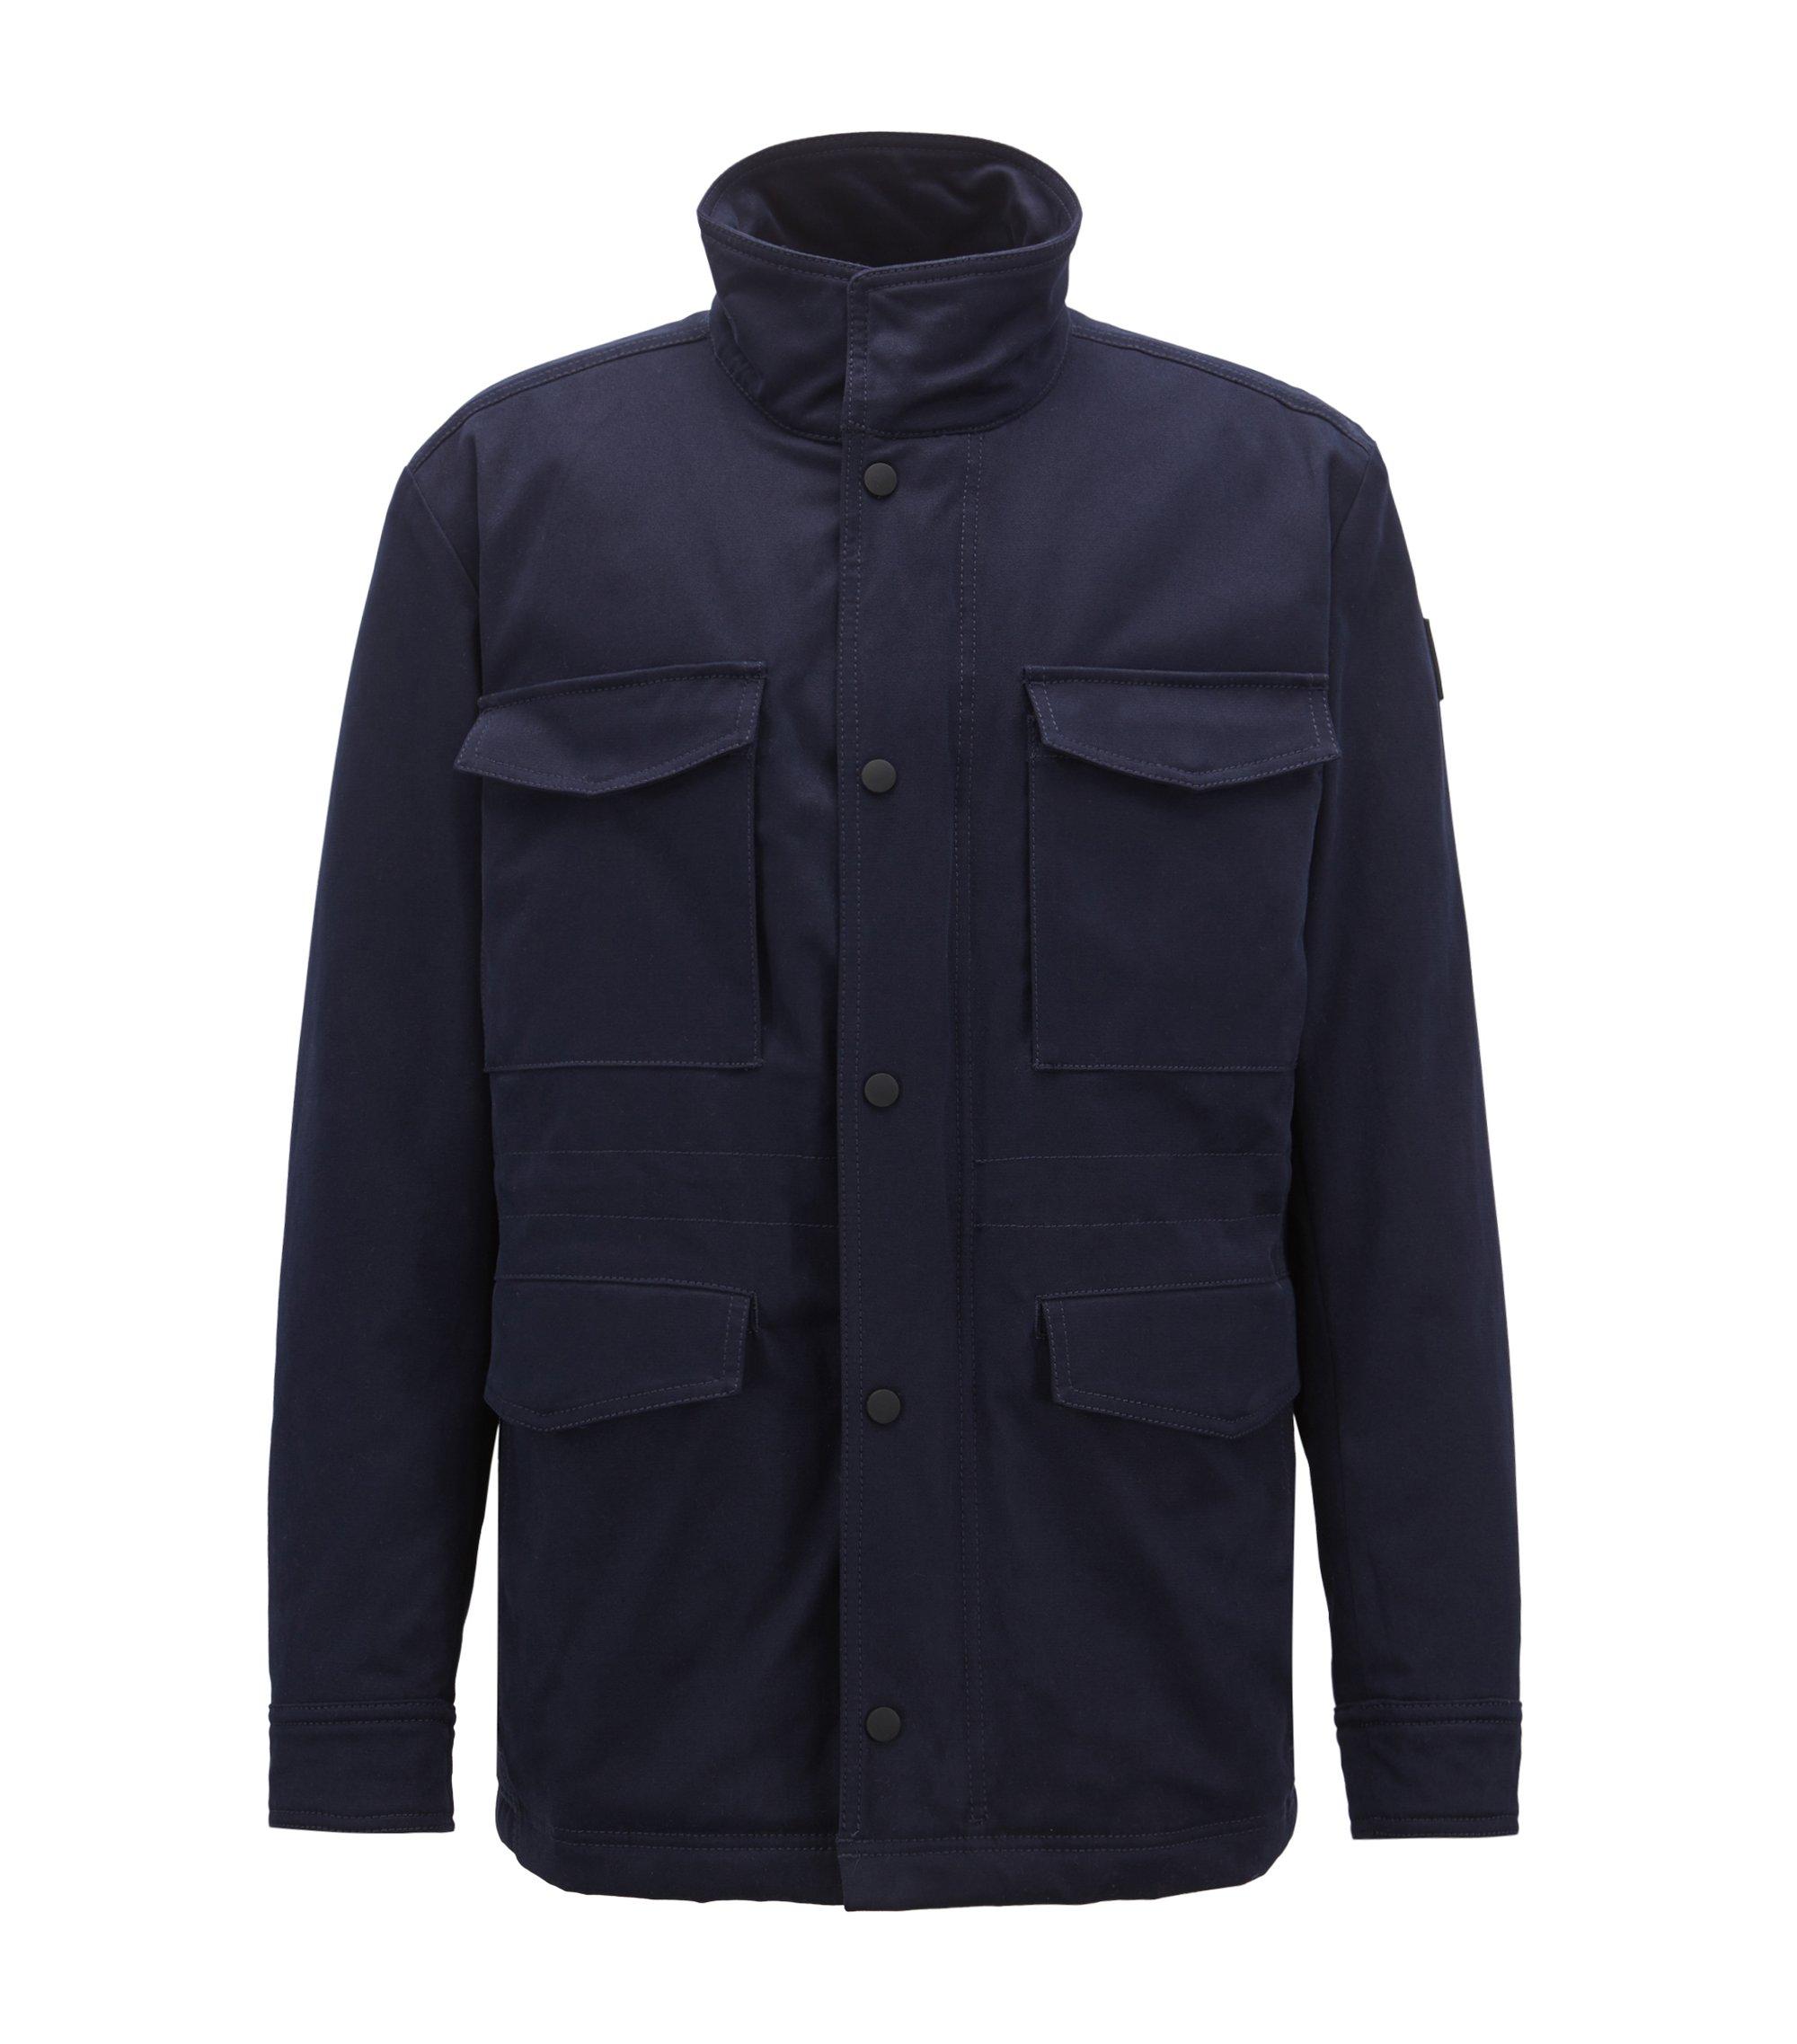 Veste imperméable avec garnissage PrimaLoft®, Bleu foncé